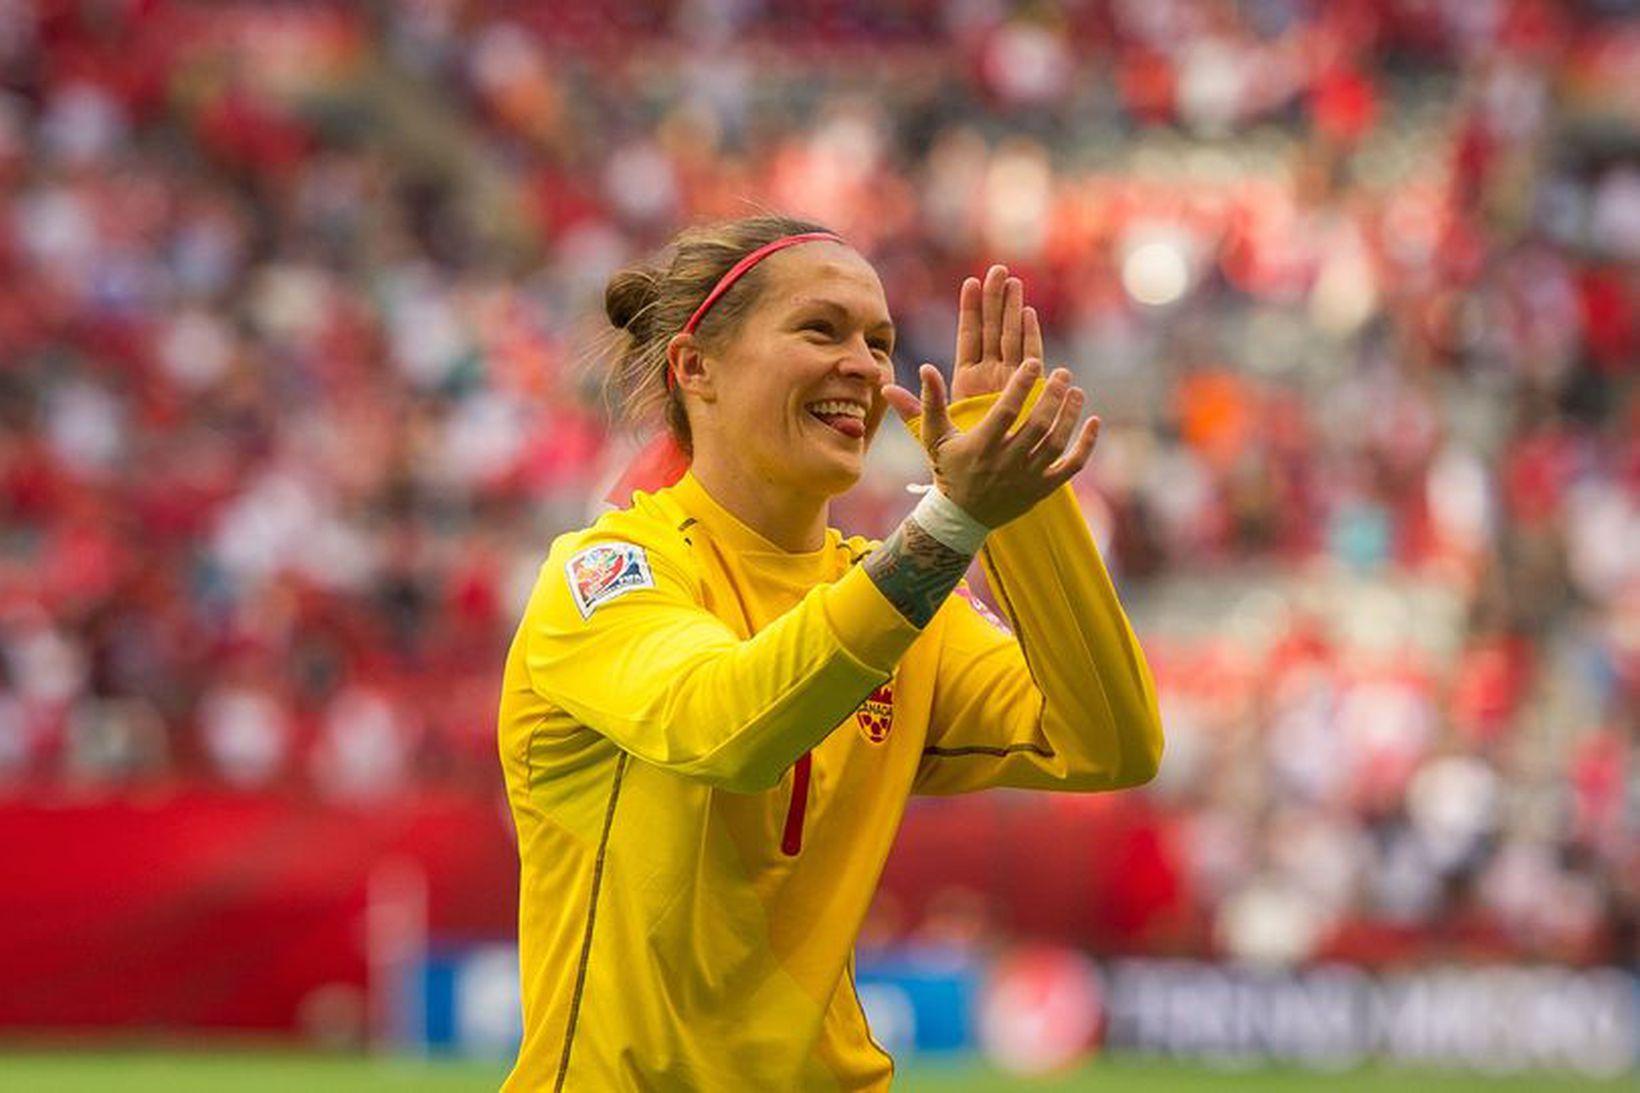 Erin McLeod eftir landsleik með Kanada.